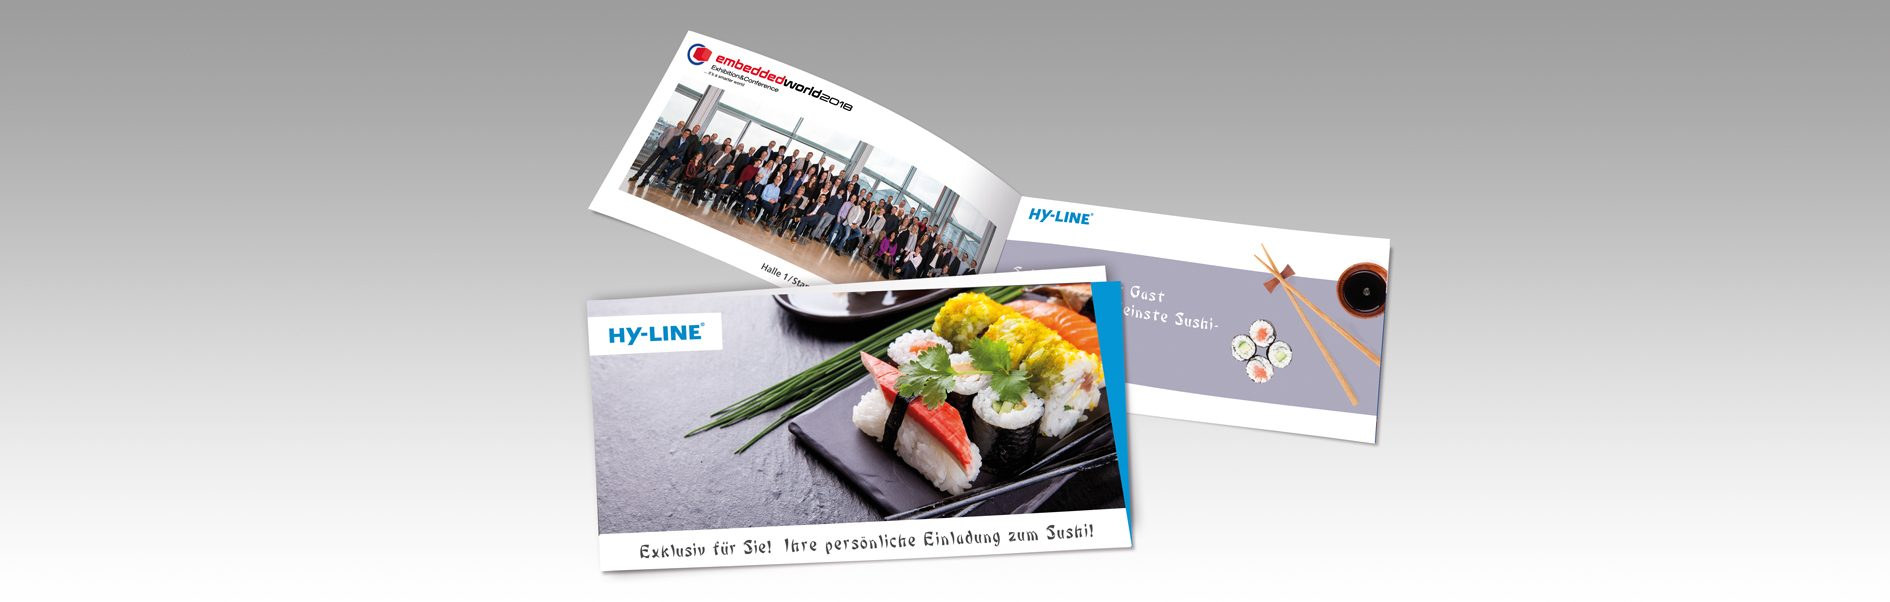 Hier sind die Einladungskarten von HY-LINE zur embedded World abgebildet.